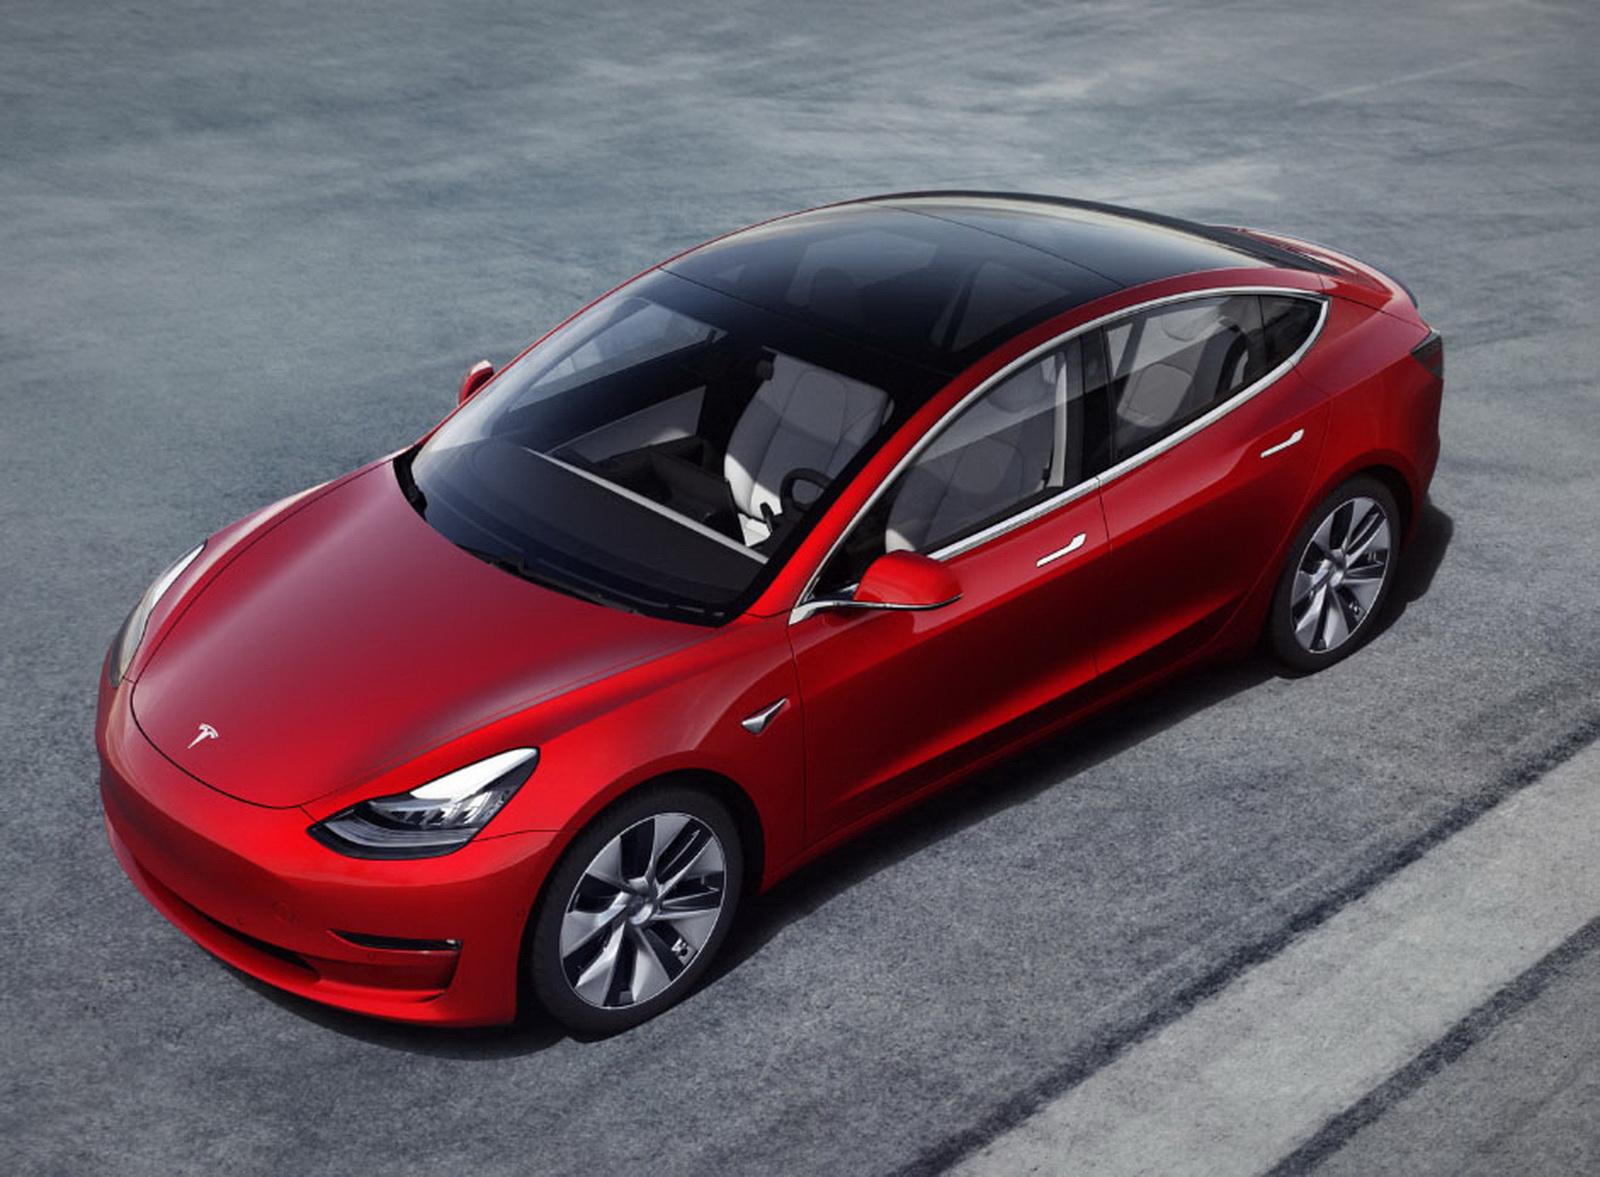 圖/本月Tesla Model 3滿血回歸!最終交出1,293輛的好成績,由於集中在本月交車,才能以破千的銷量異軍突起。